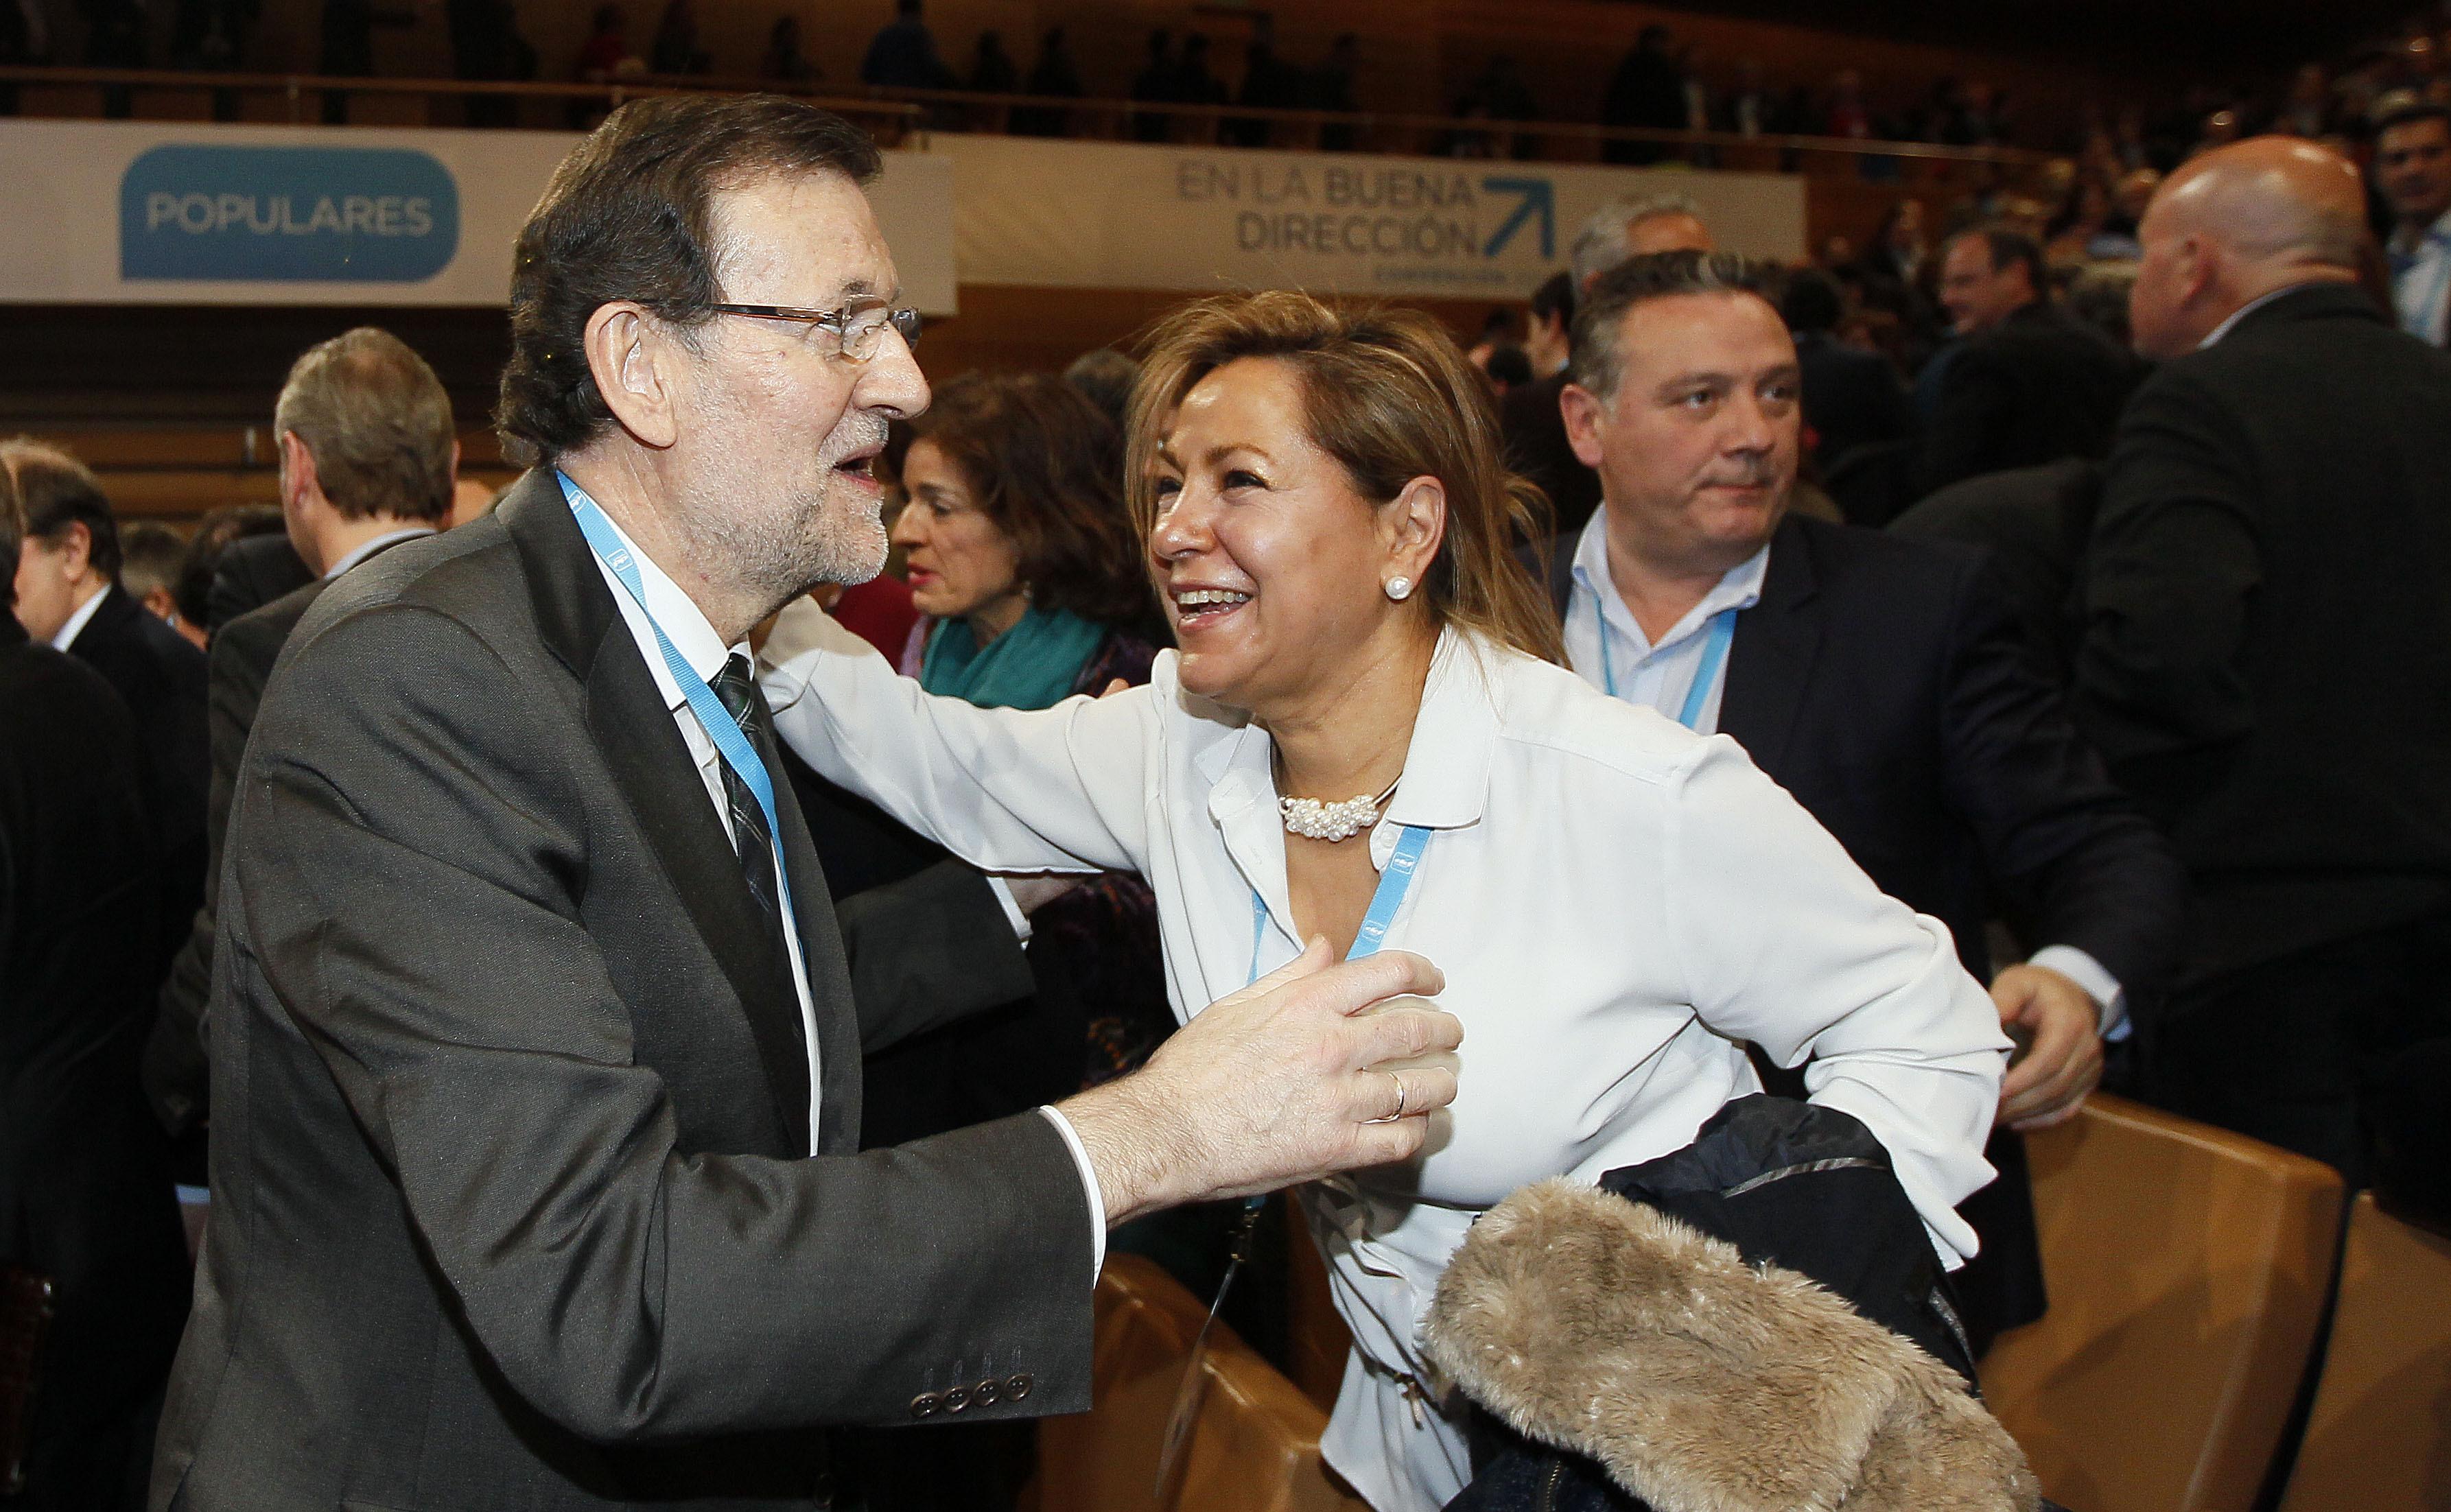 Apertura de la Convención Nacional del Partido Popular en Valladolid (2/2)